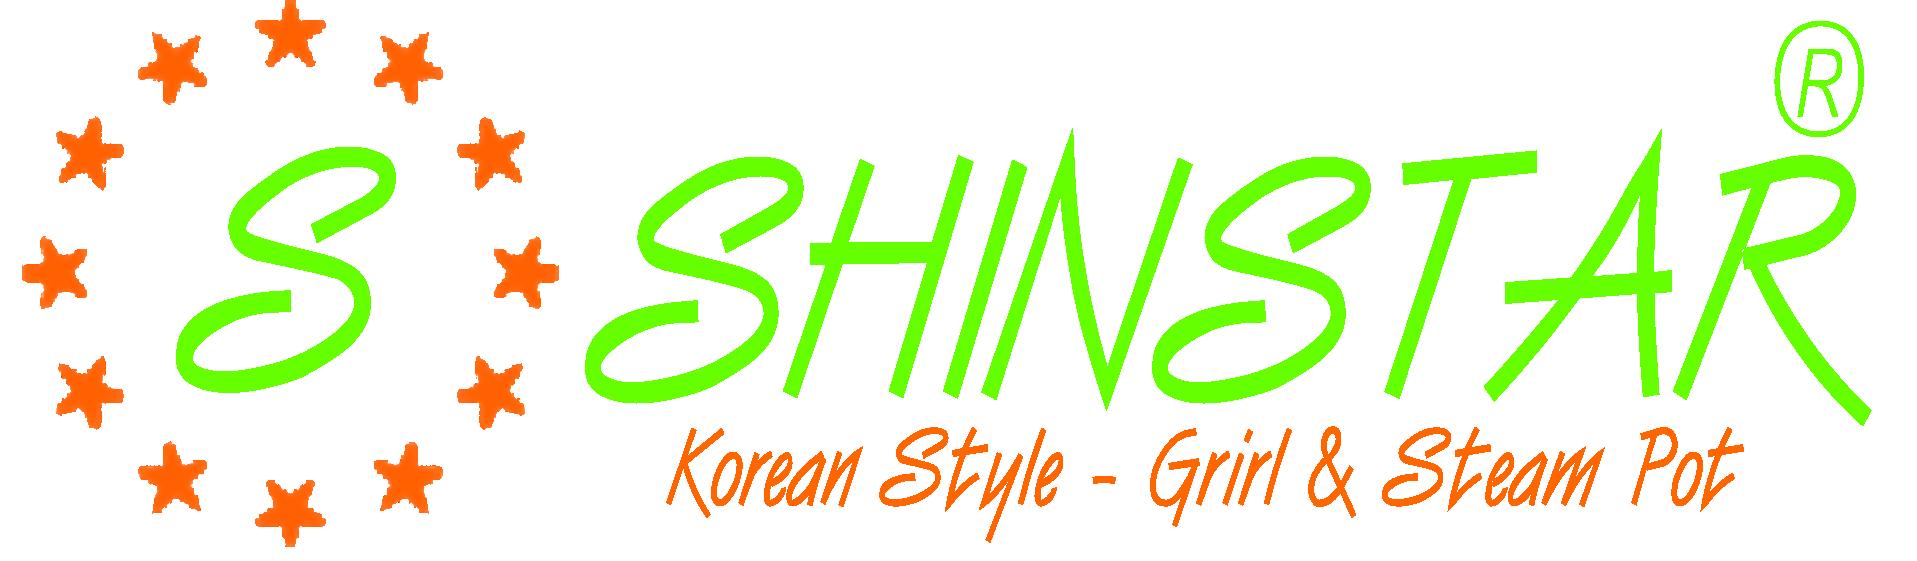 Lẩu hơi ShinStar – Lẩu hấp thủy nhiệt công nghệ Hàn Quốc